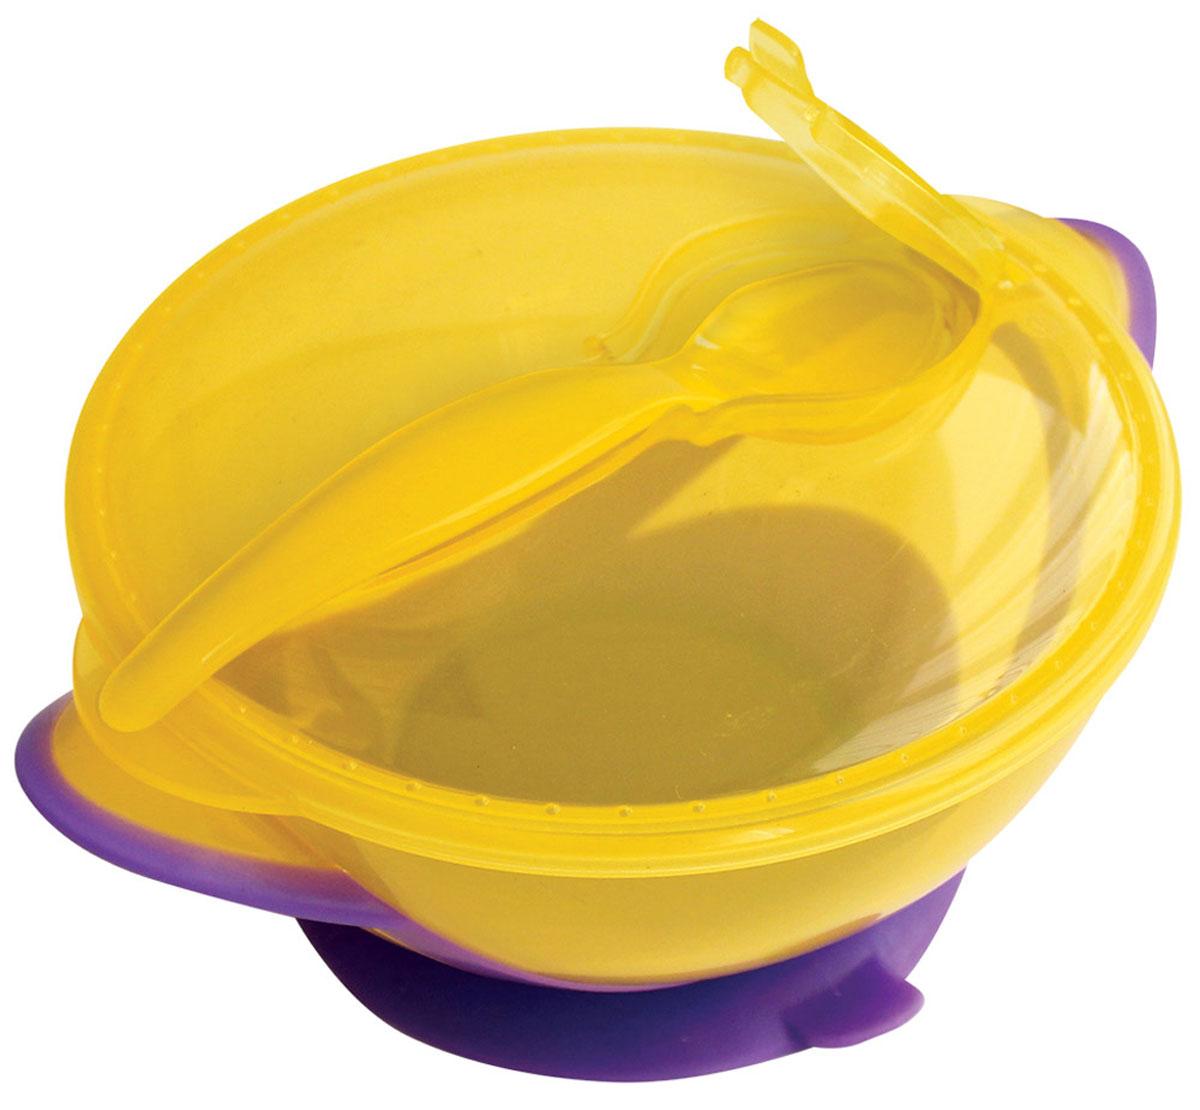 Lubby Тарелка детская Классика с ложкой цвет фиолетовый желтыйVT-1520(SR)Тарелка для кормления Lubby Классика с ложкой незаменима в период, когда ваш малыш учится кушать самостоятельно.Специальная форма крышки позволяет сохранять гигиеничность прибора для кормления во время путешествий. Присоска препятствует свободному перемещению тарелки по столу. Яркий дизайн тарелки превращает процесс кормления в увлекательную игру.Можно мыть в посудомоечной машине.Не содержит бисфенол А.Не рекомендовано использовать тарелку для разогрева пищи в микроволновой печи.